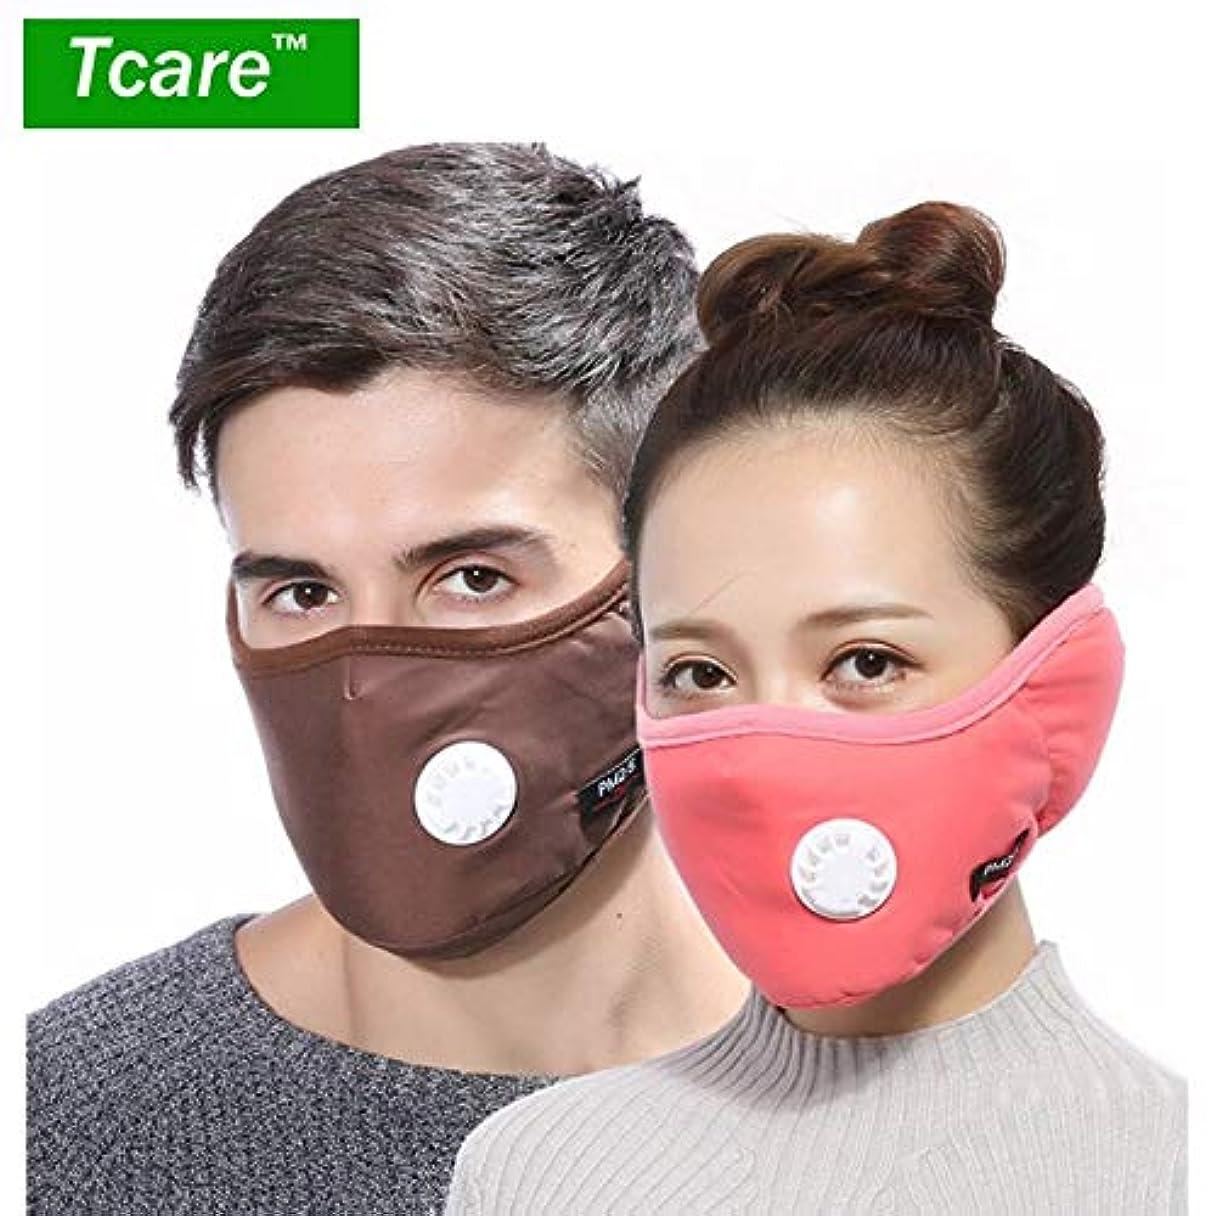 誰も分割皮7グレー:1 PM2.5マスクバルブコットンアンチダスト口マスクの冬のイヤーマフActtedフィルター付マスクでTcare 2